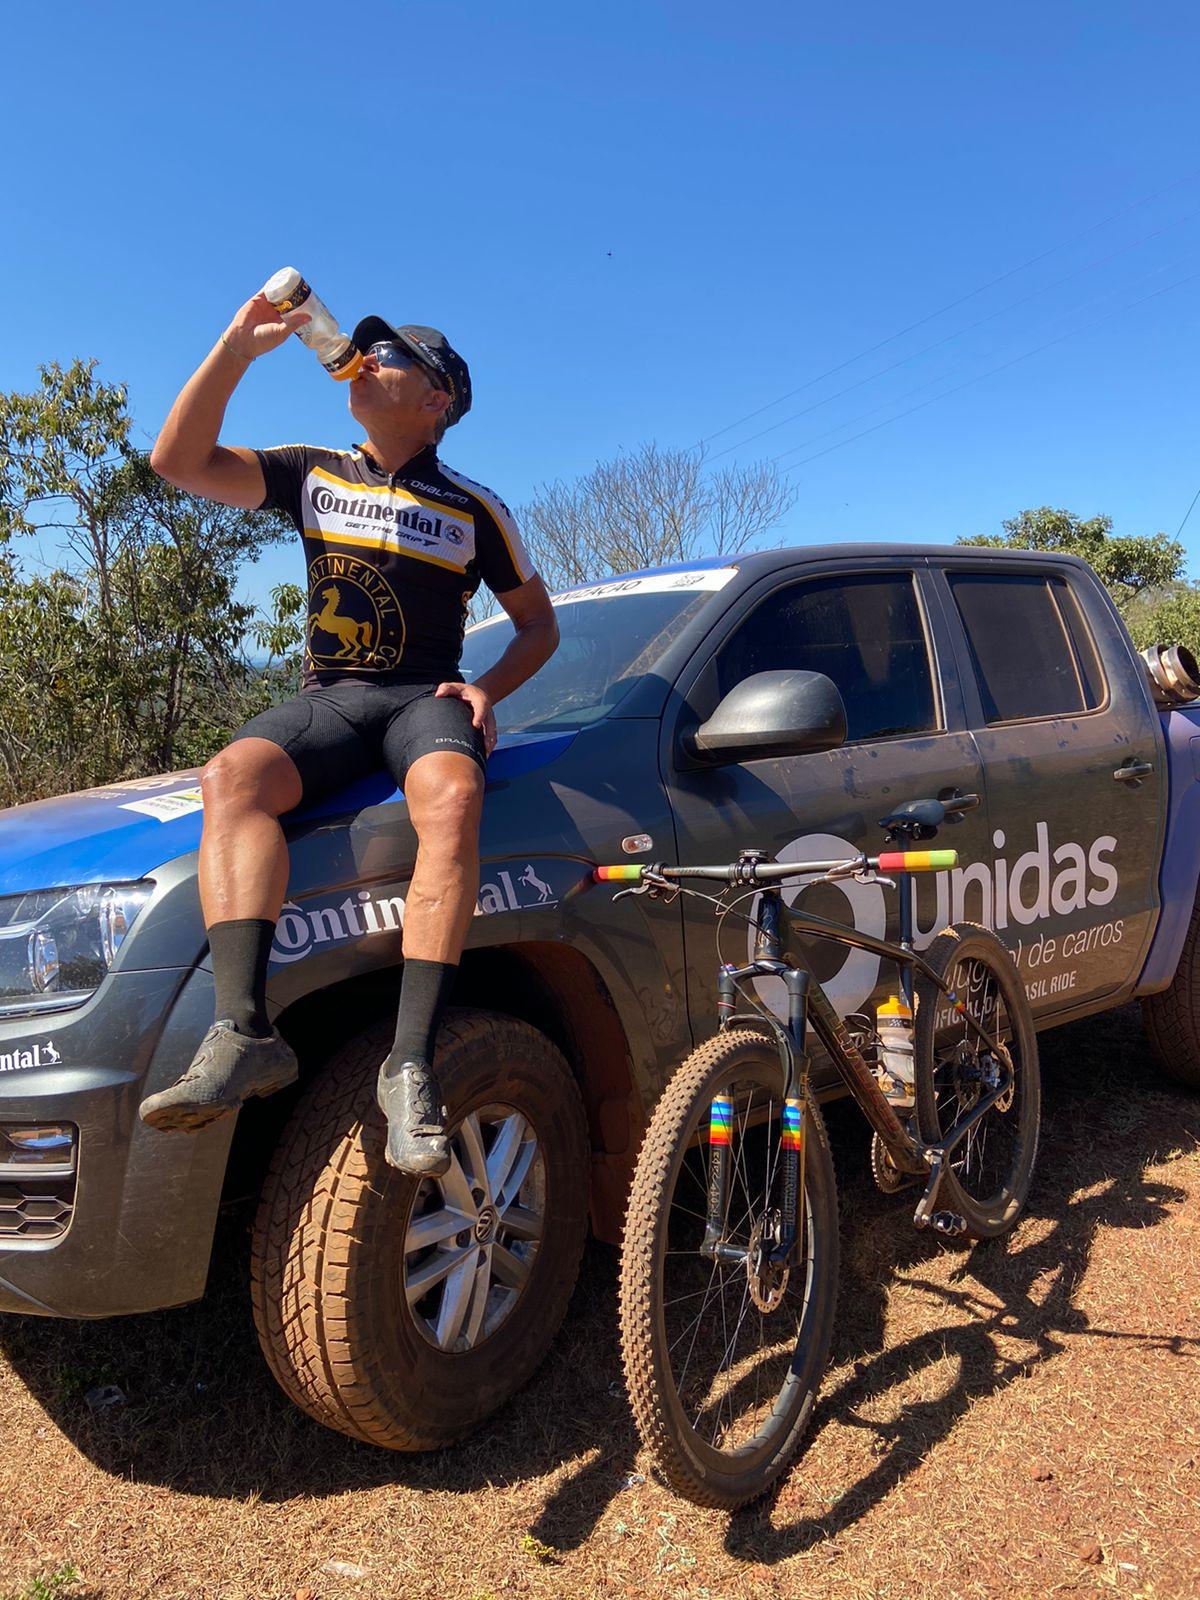 Continental Pneus fecha com a Brasil Ride e patrocinará circuito de provas de mountain bike premium